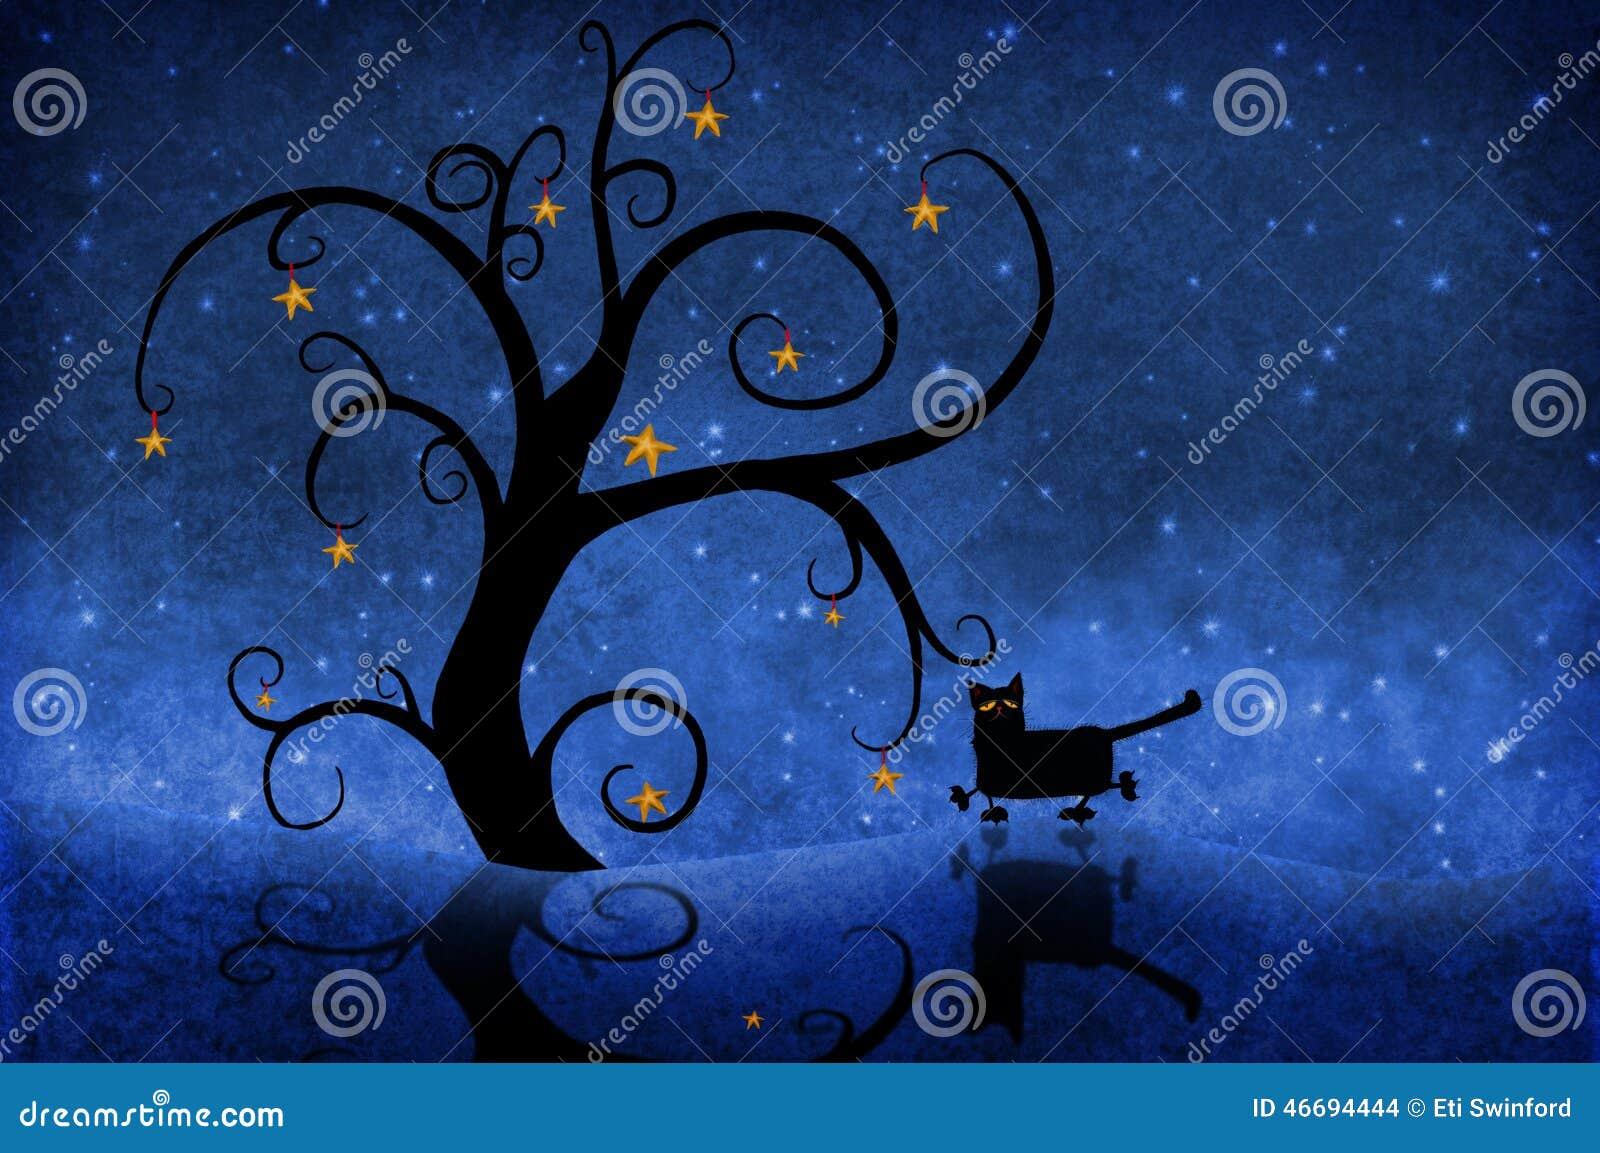 Árbol en la noche con estrellas y un gato